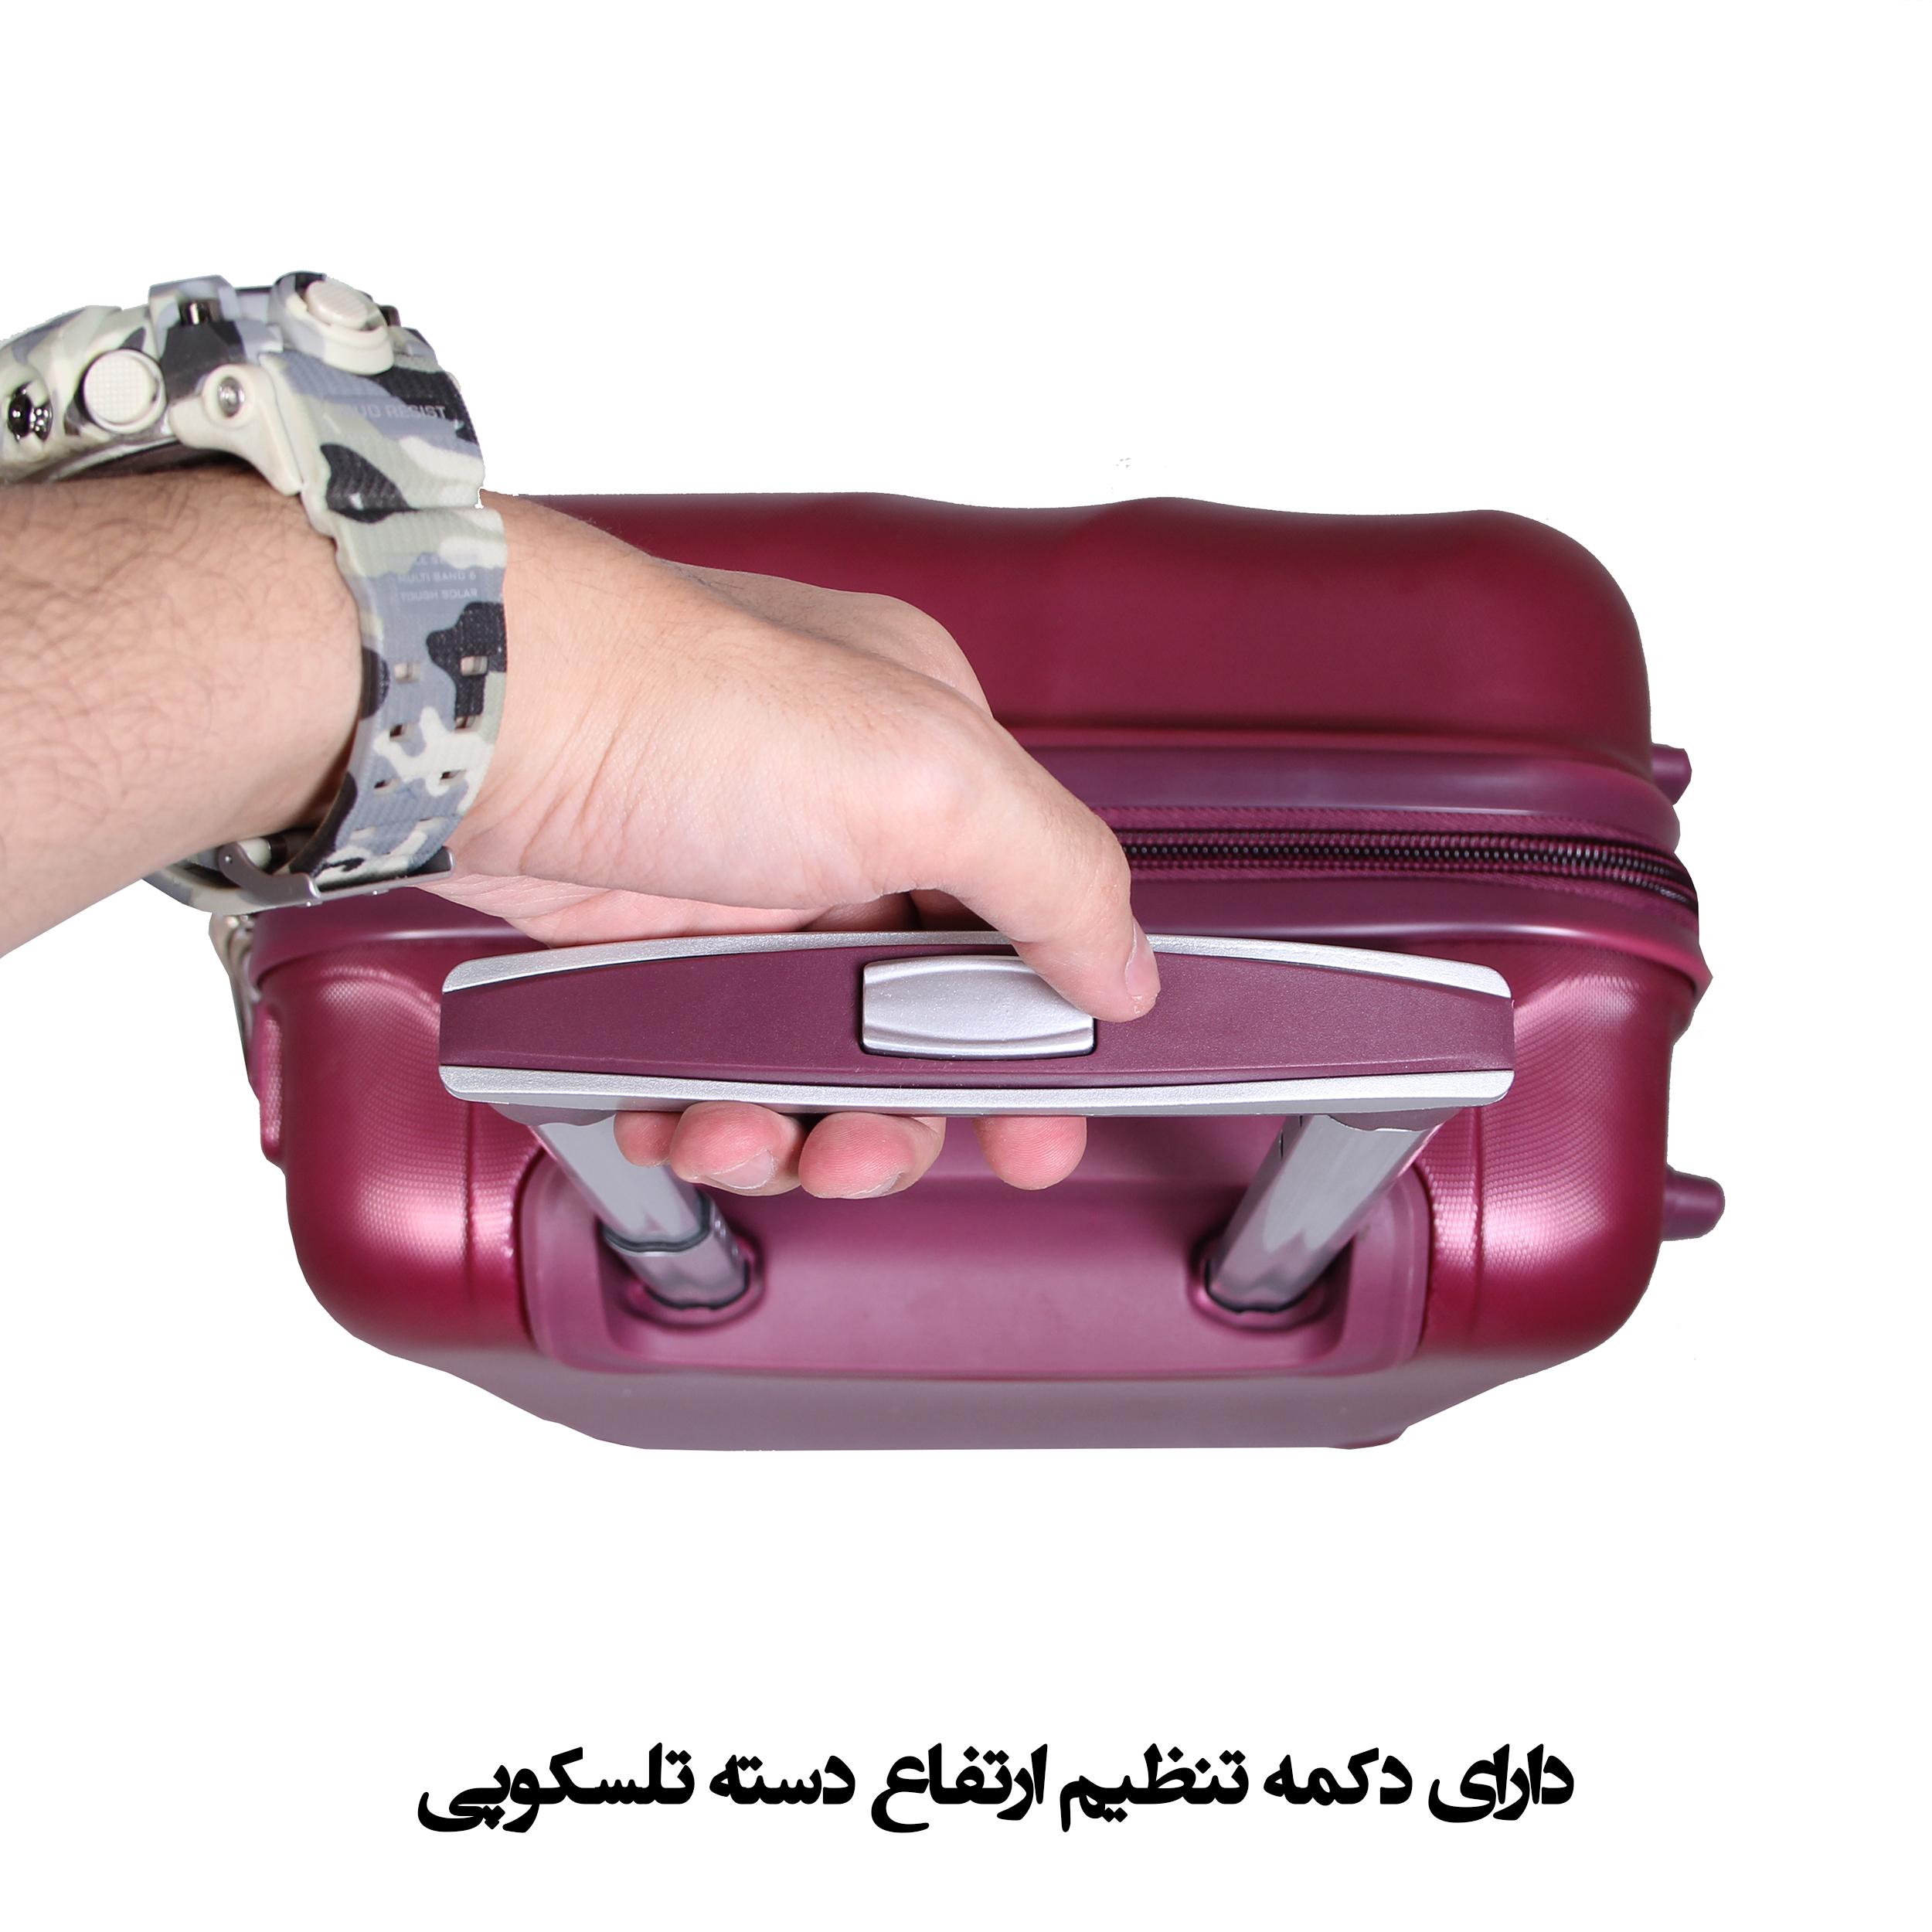 مجموعه چهار عددی چمدان مدل 319363 main 1 17